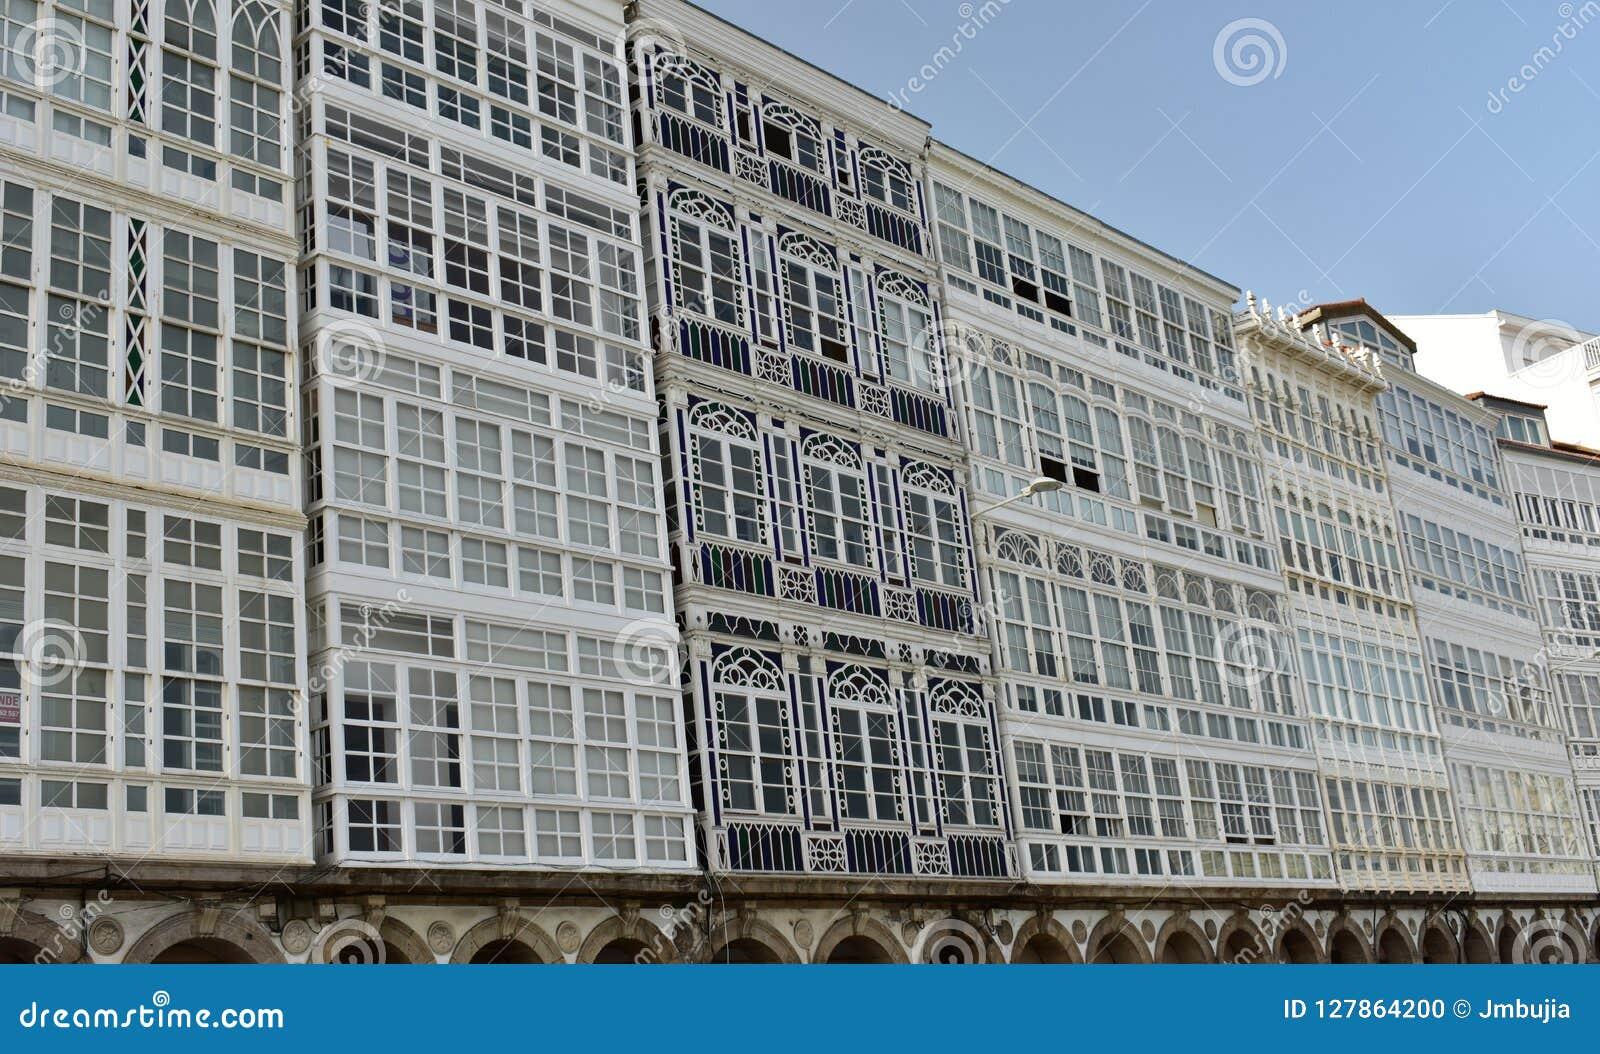 Voorgeveldetail: Modernist stijl met kleuren en witte houten galerijen